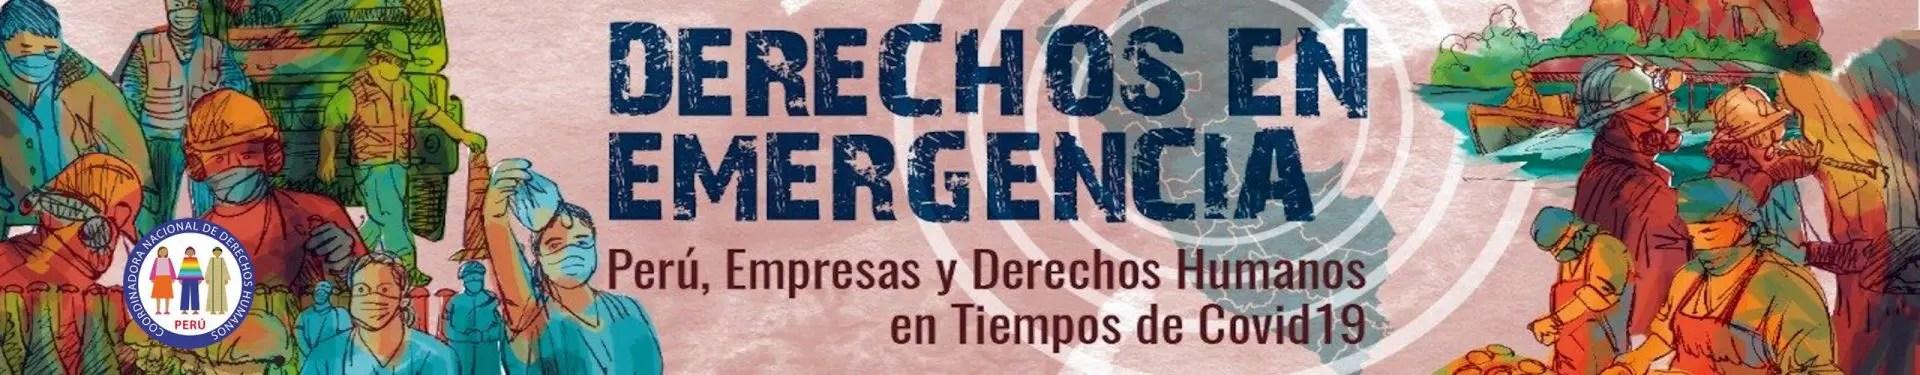 Derechos en Emergencia